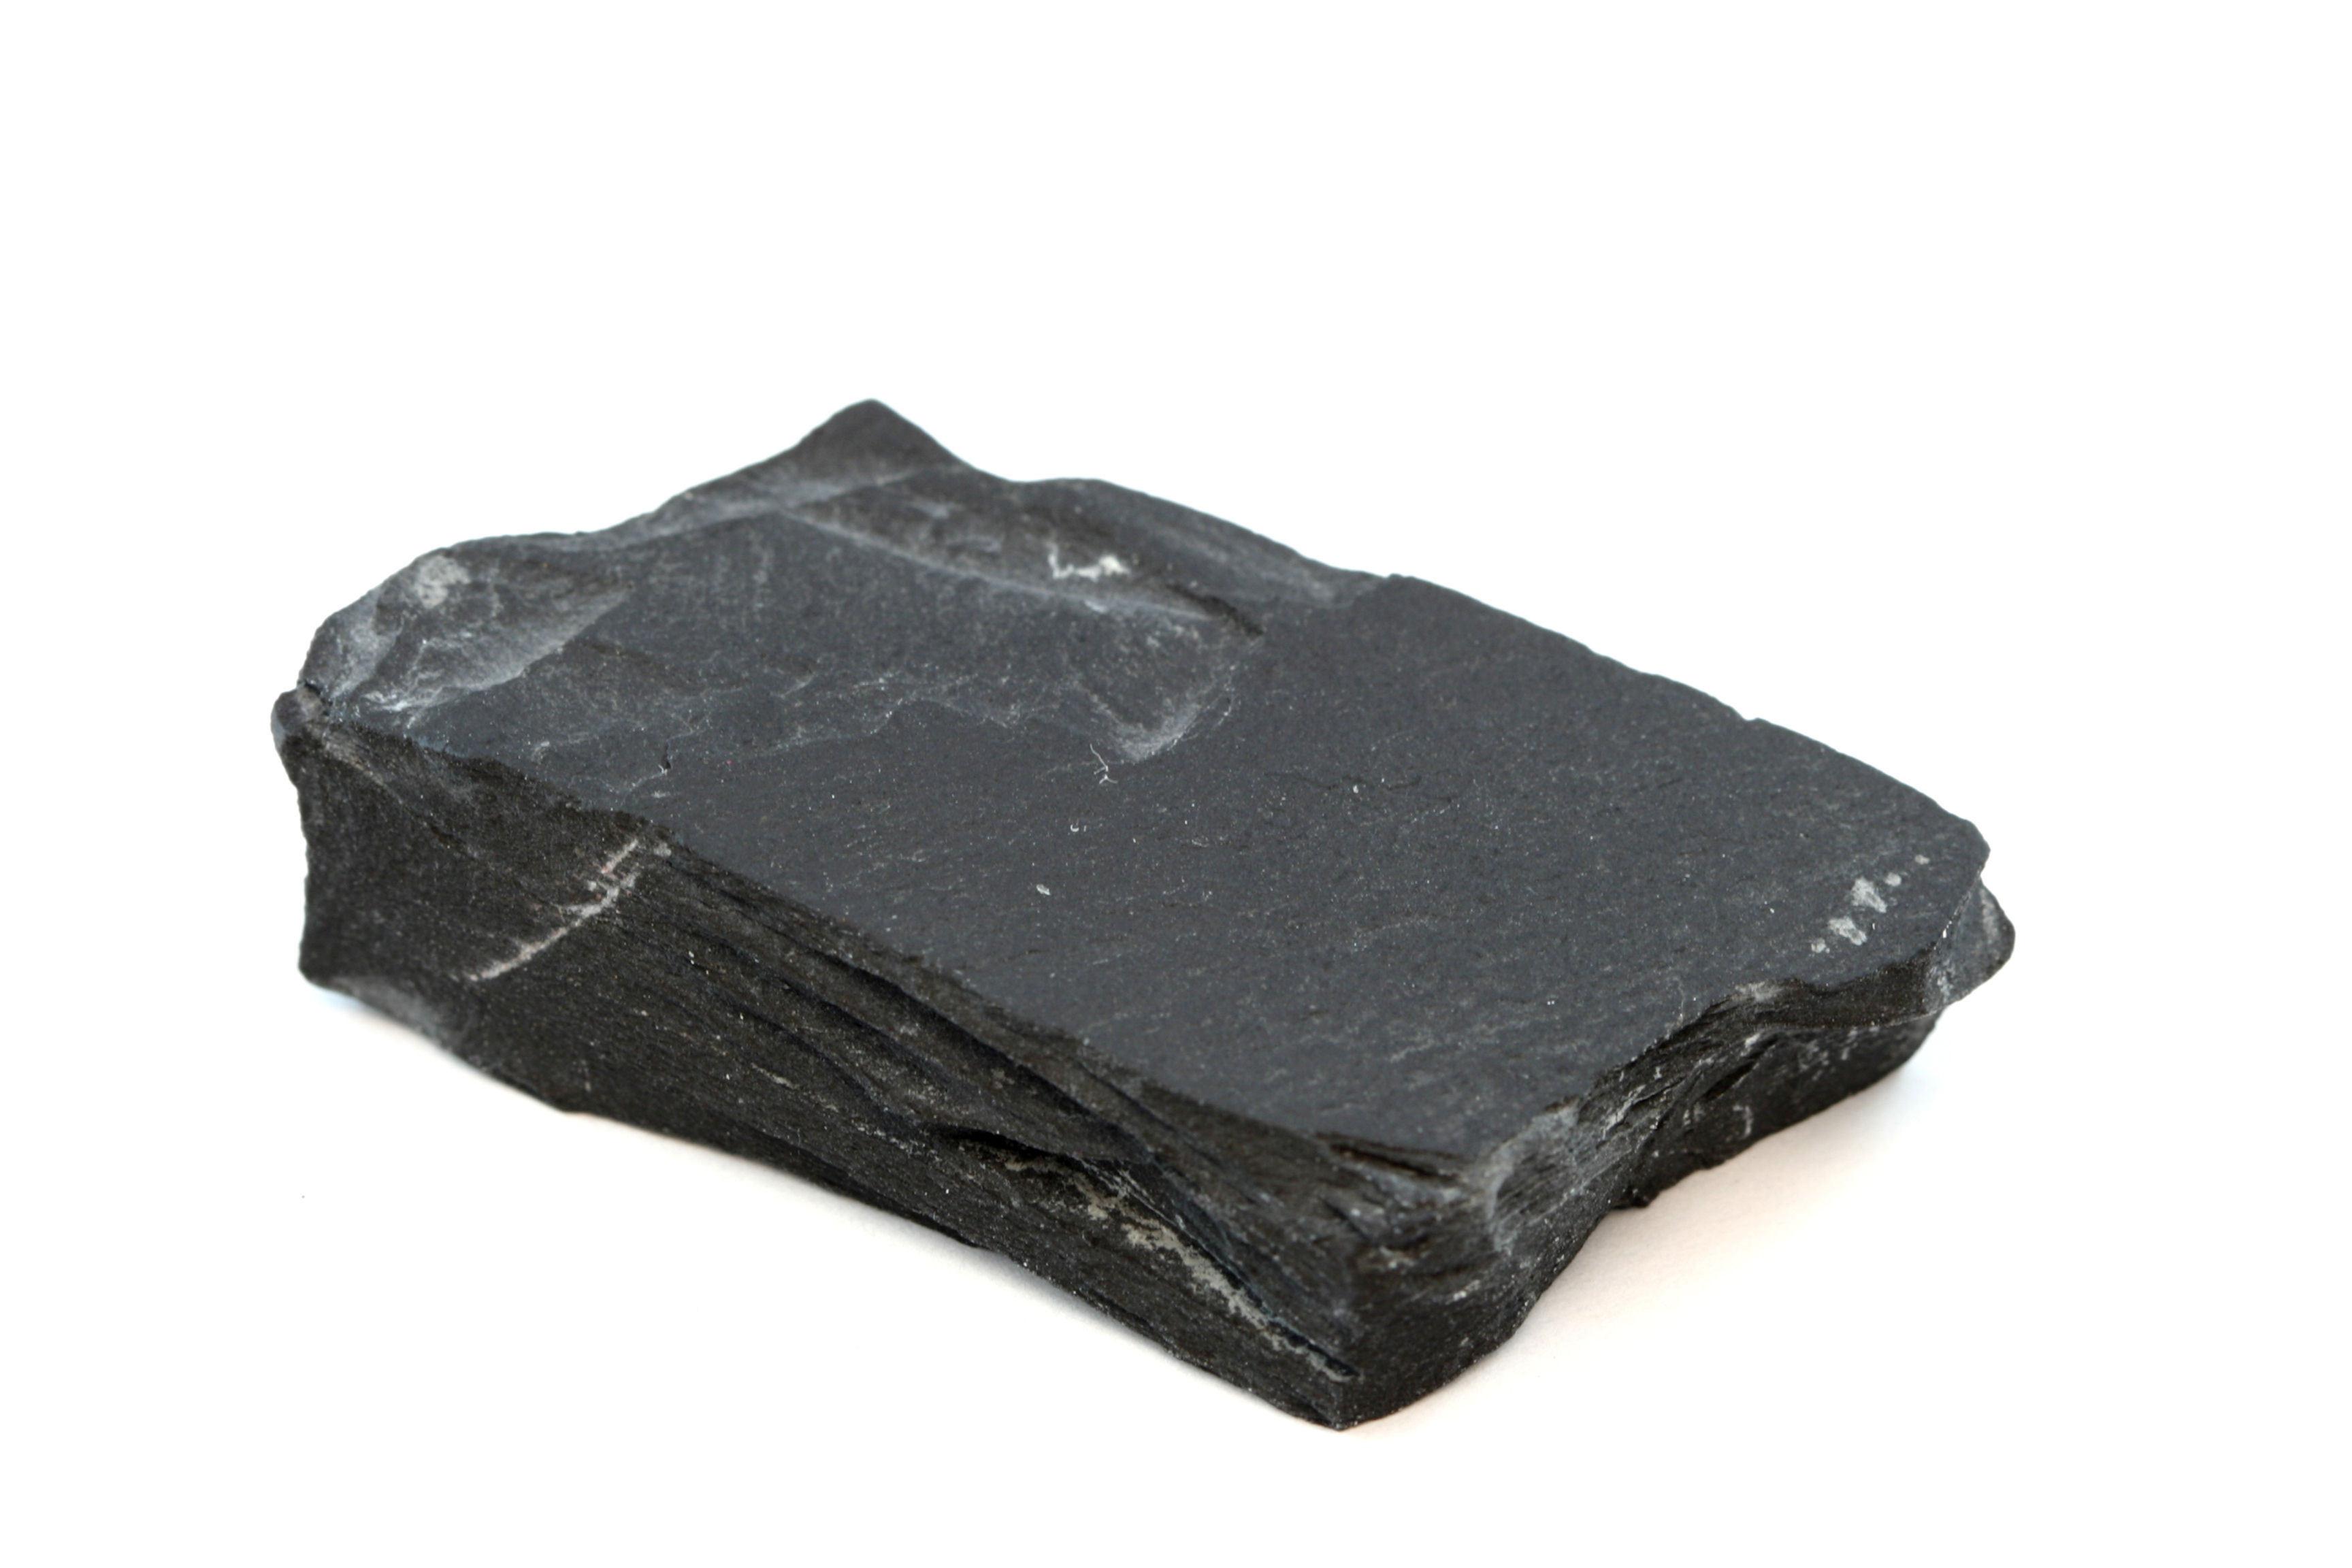 Amostra isolada de uma rocha de ardósia preta